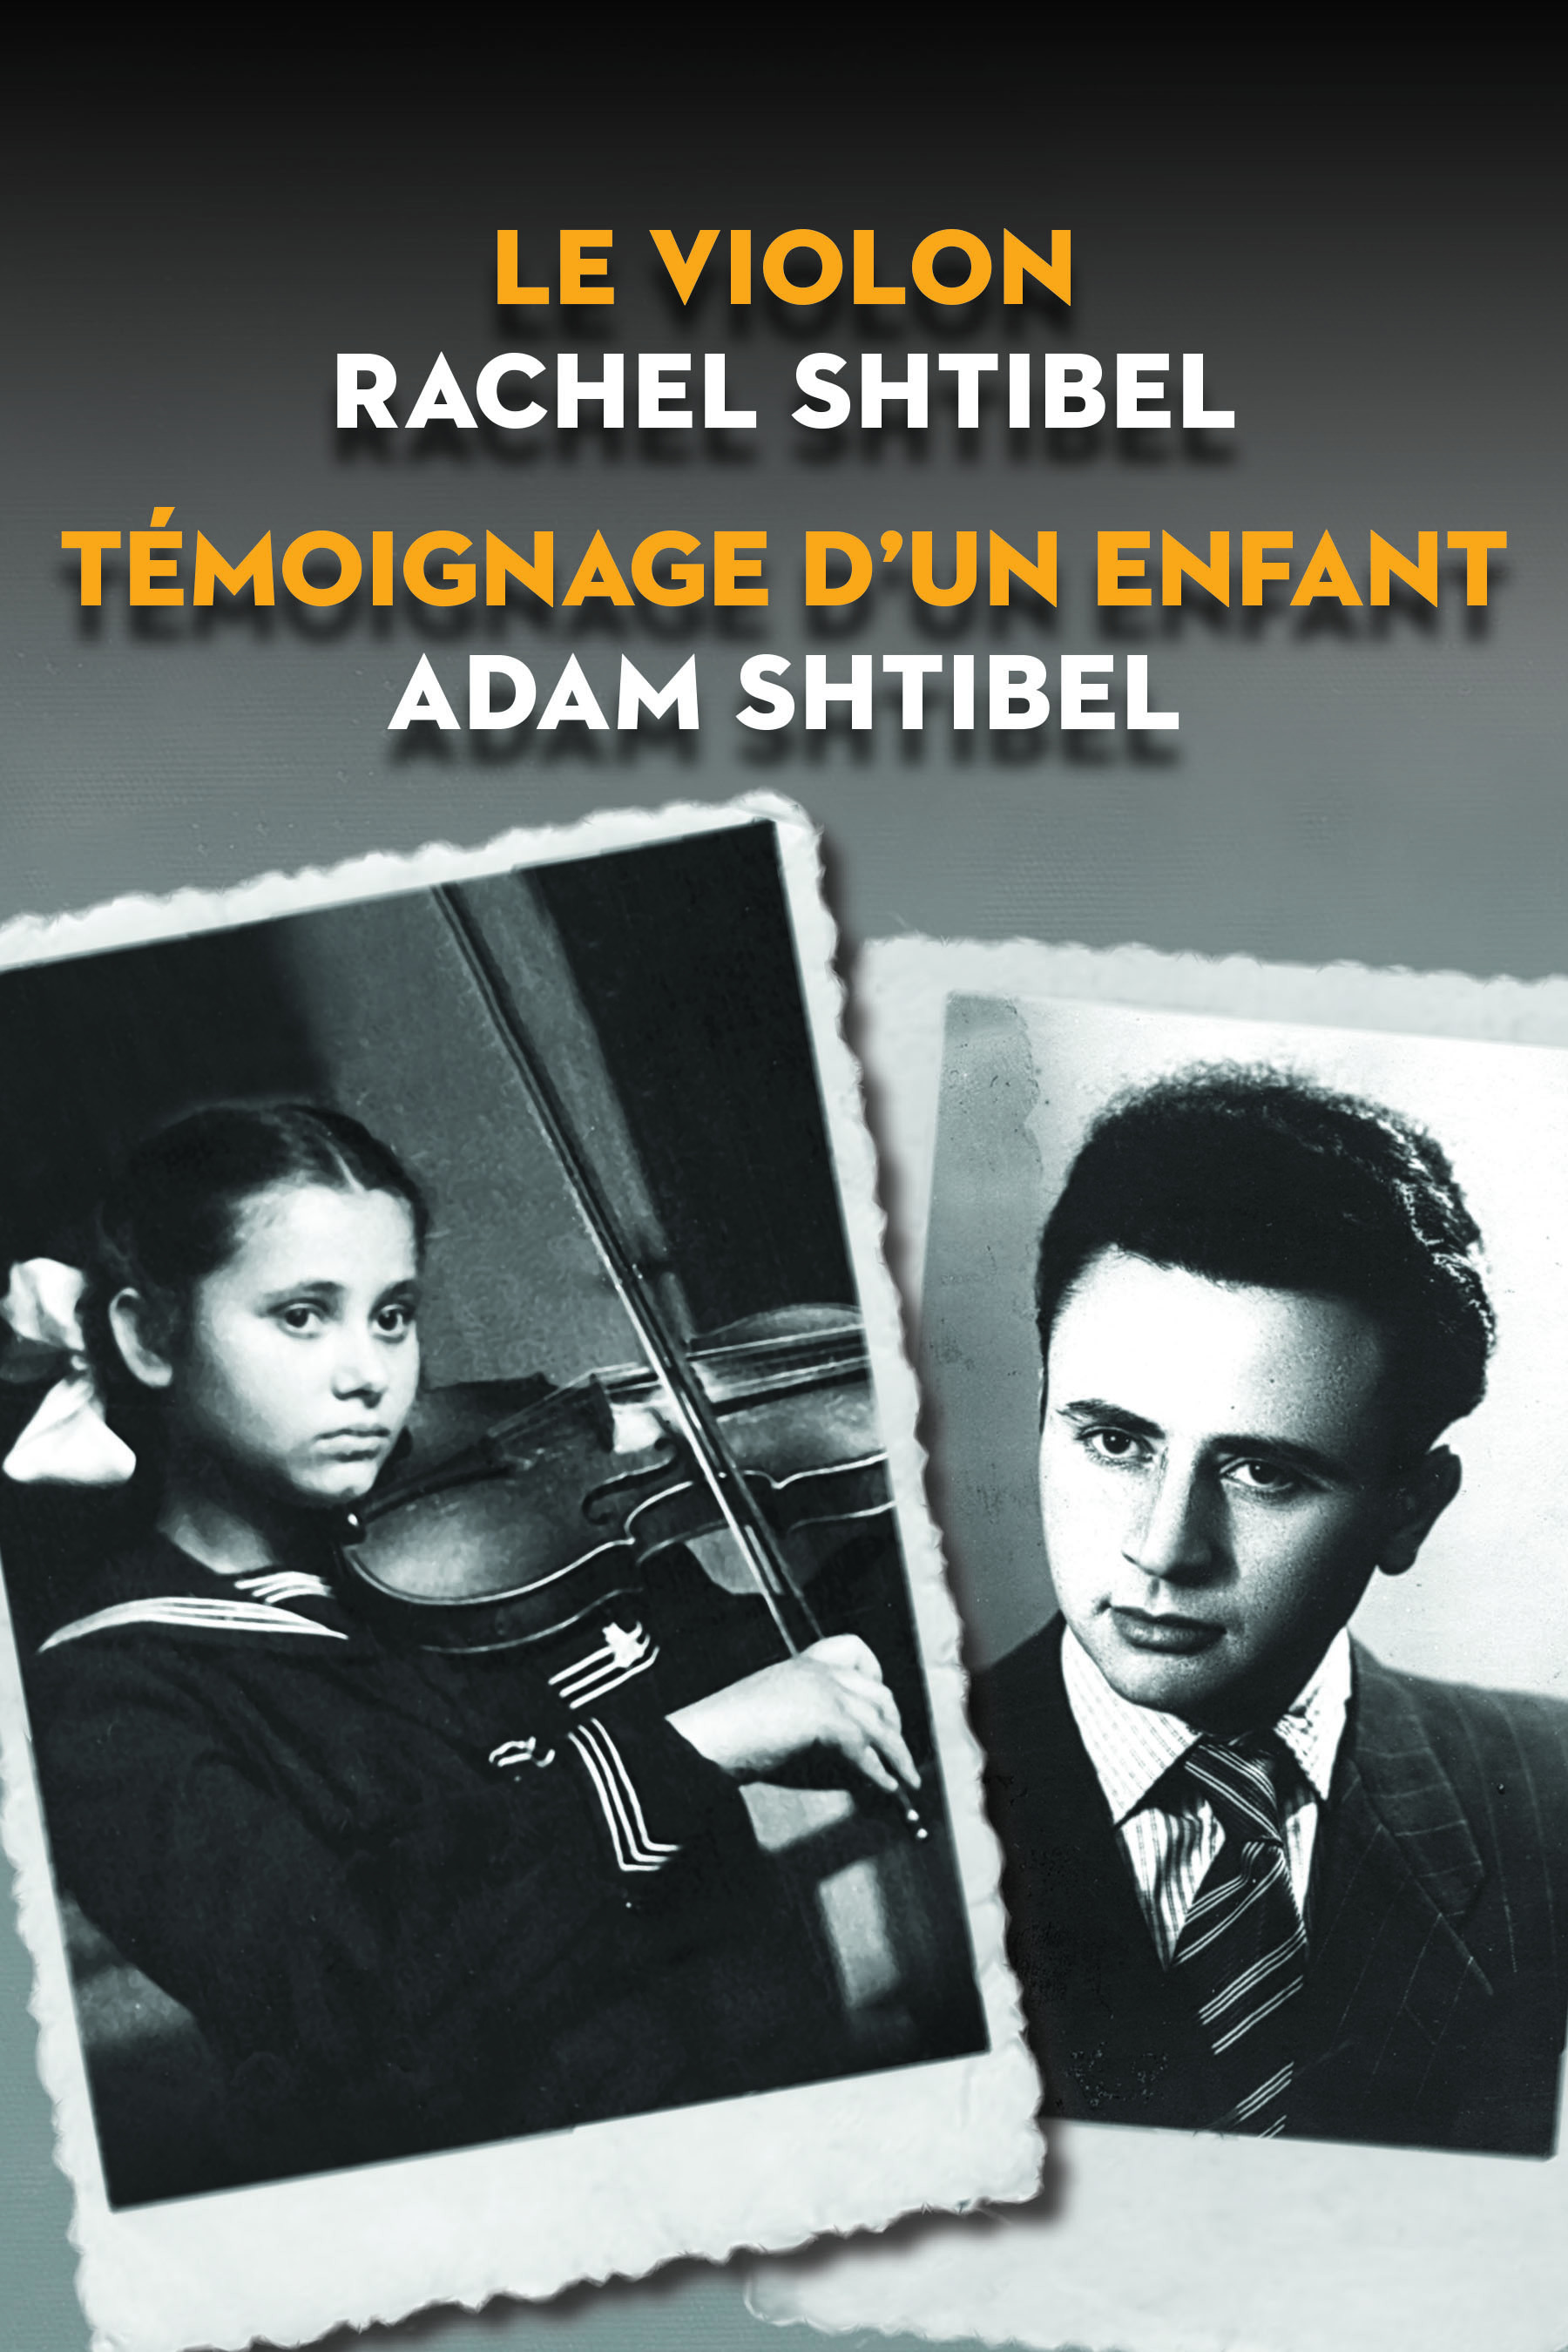 Cover of Le Violon / Témoignage d'un enfant